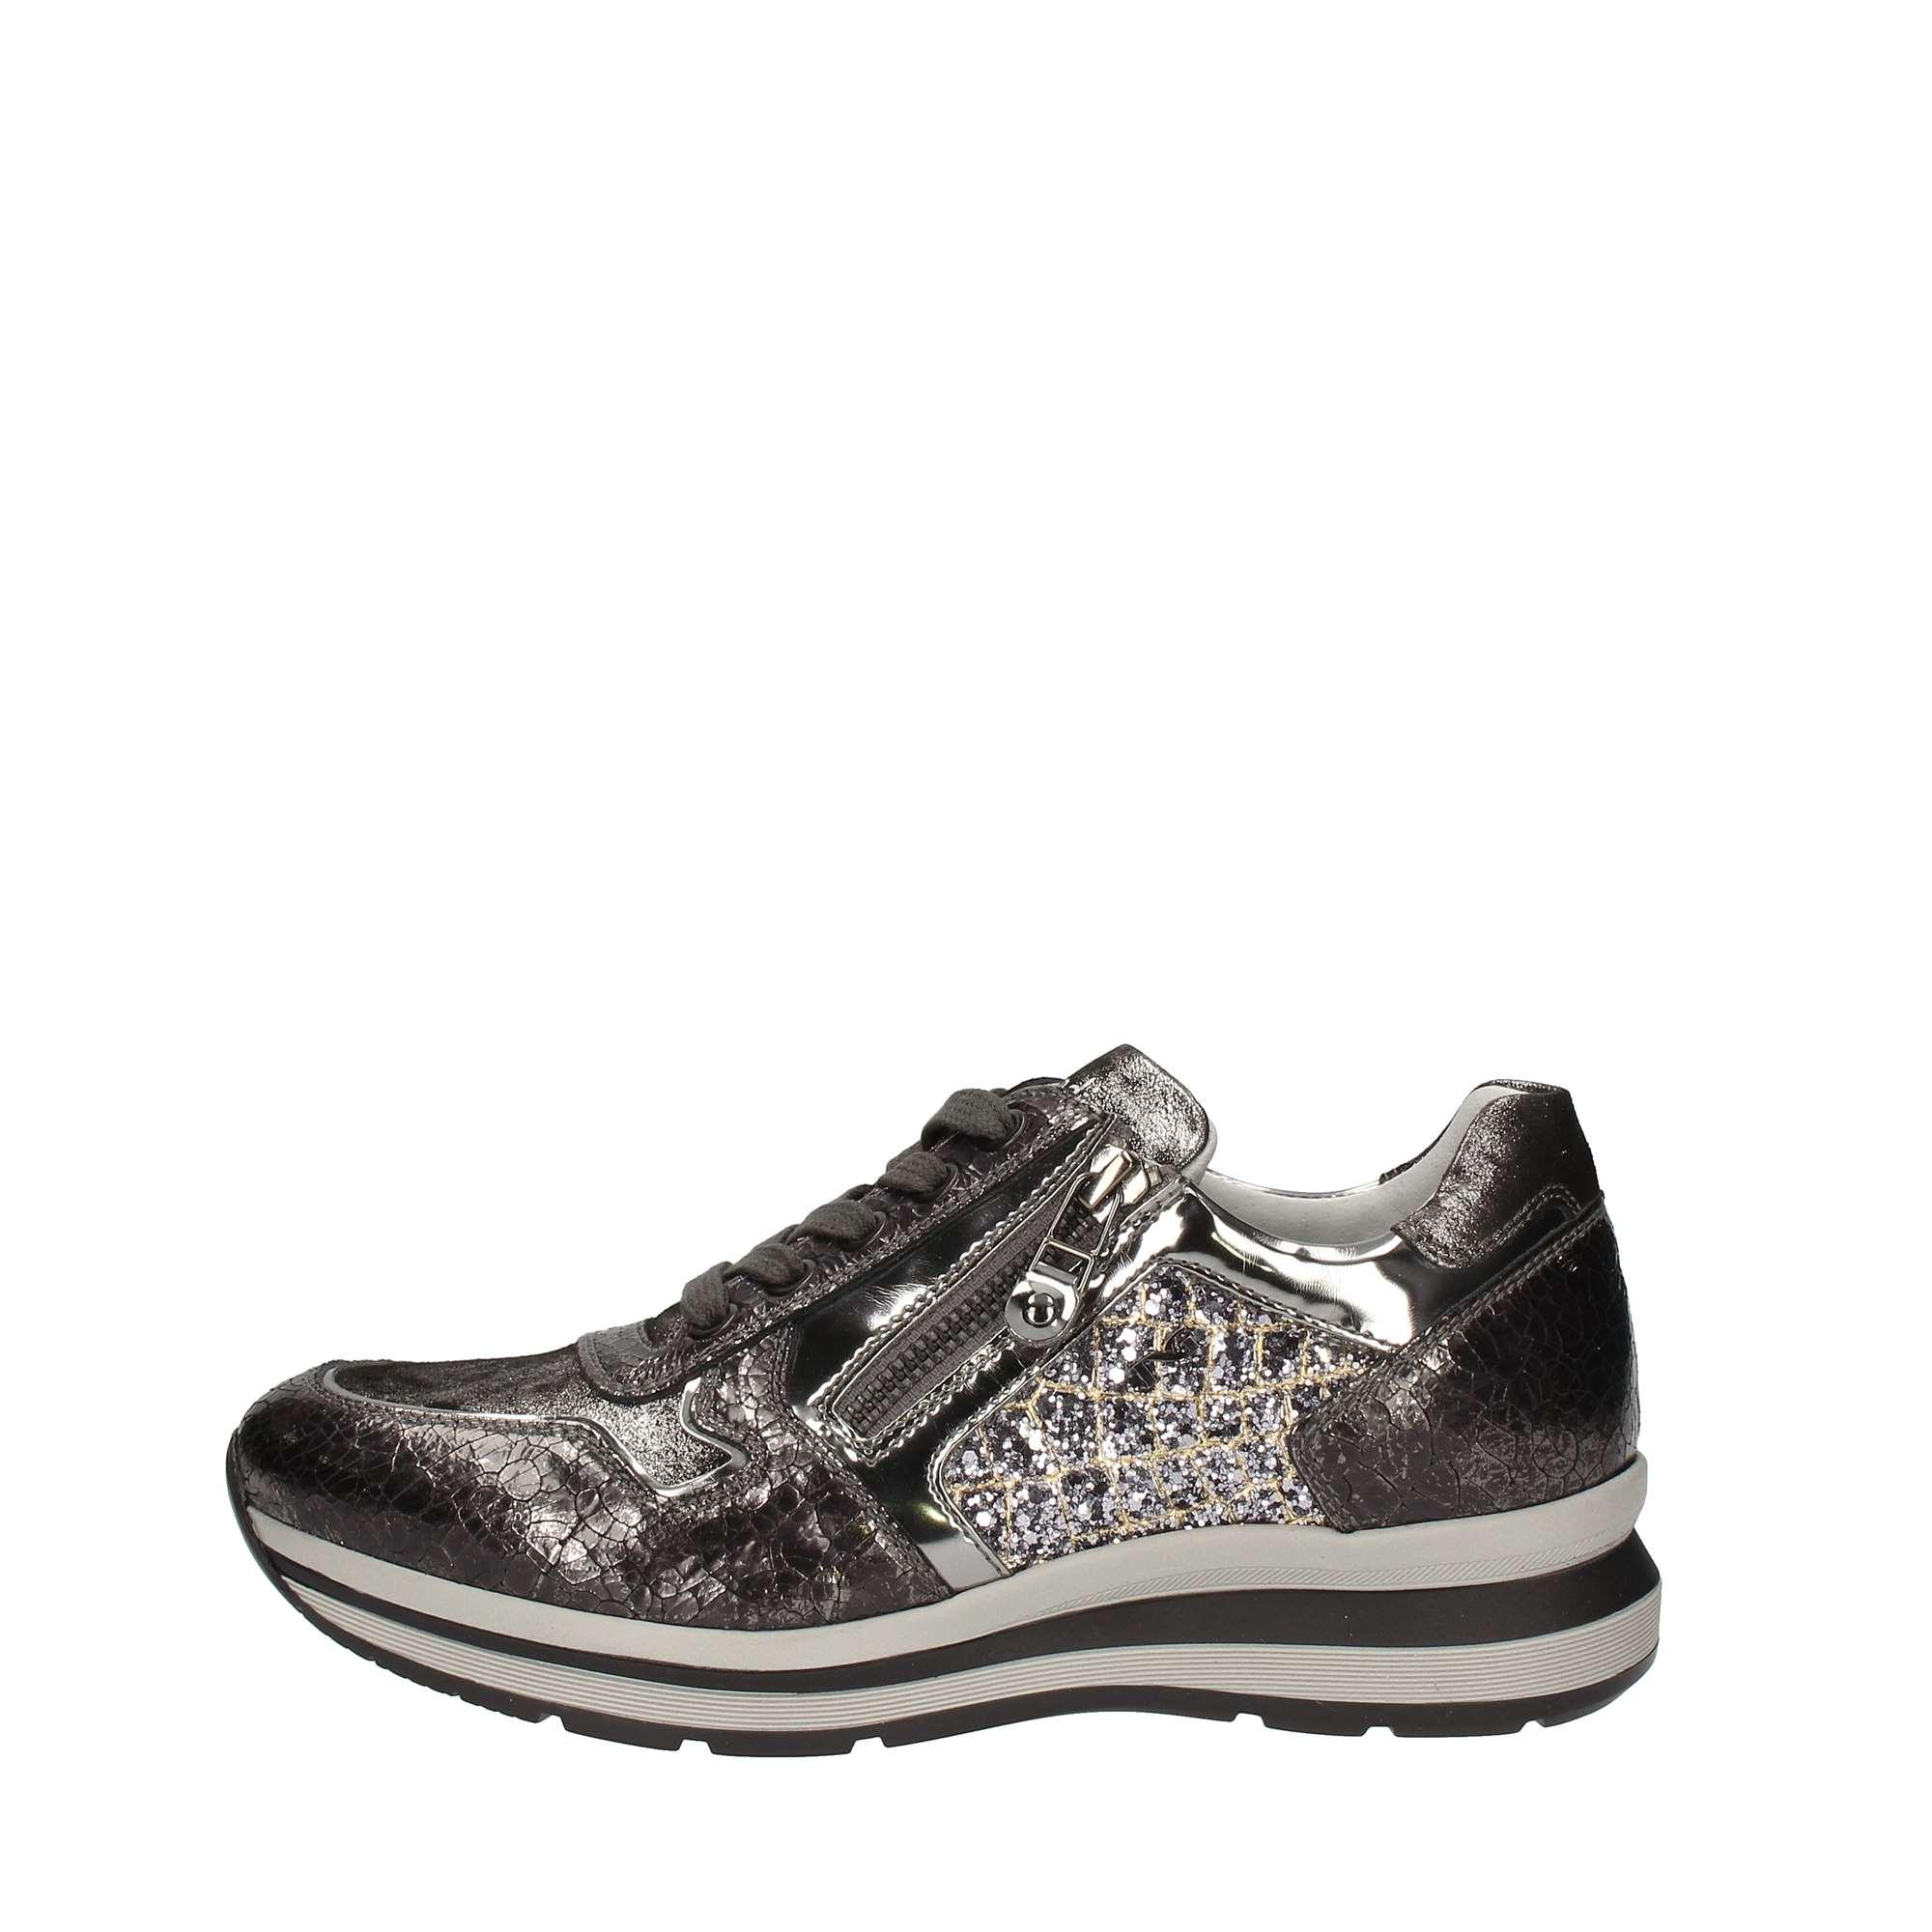 compra scarpe Nero Giardini online, Nero giardini a719492d